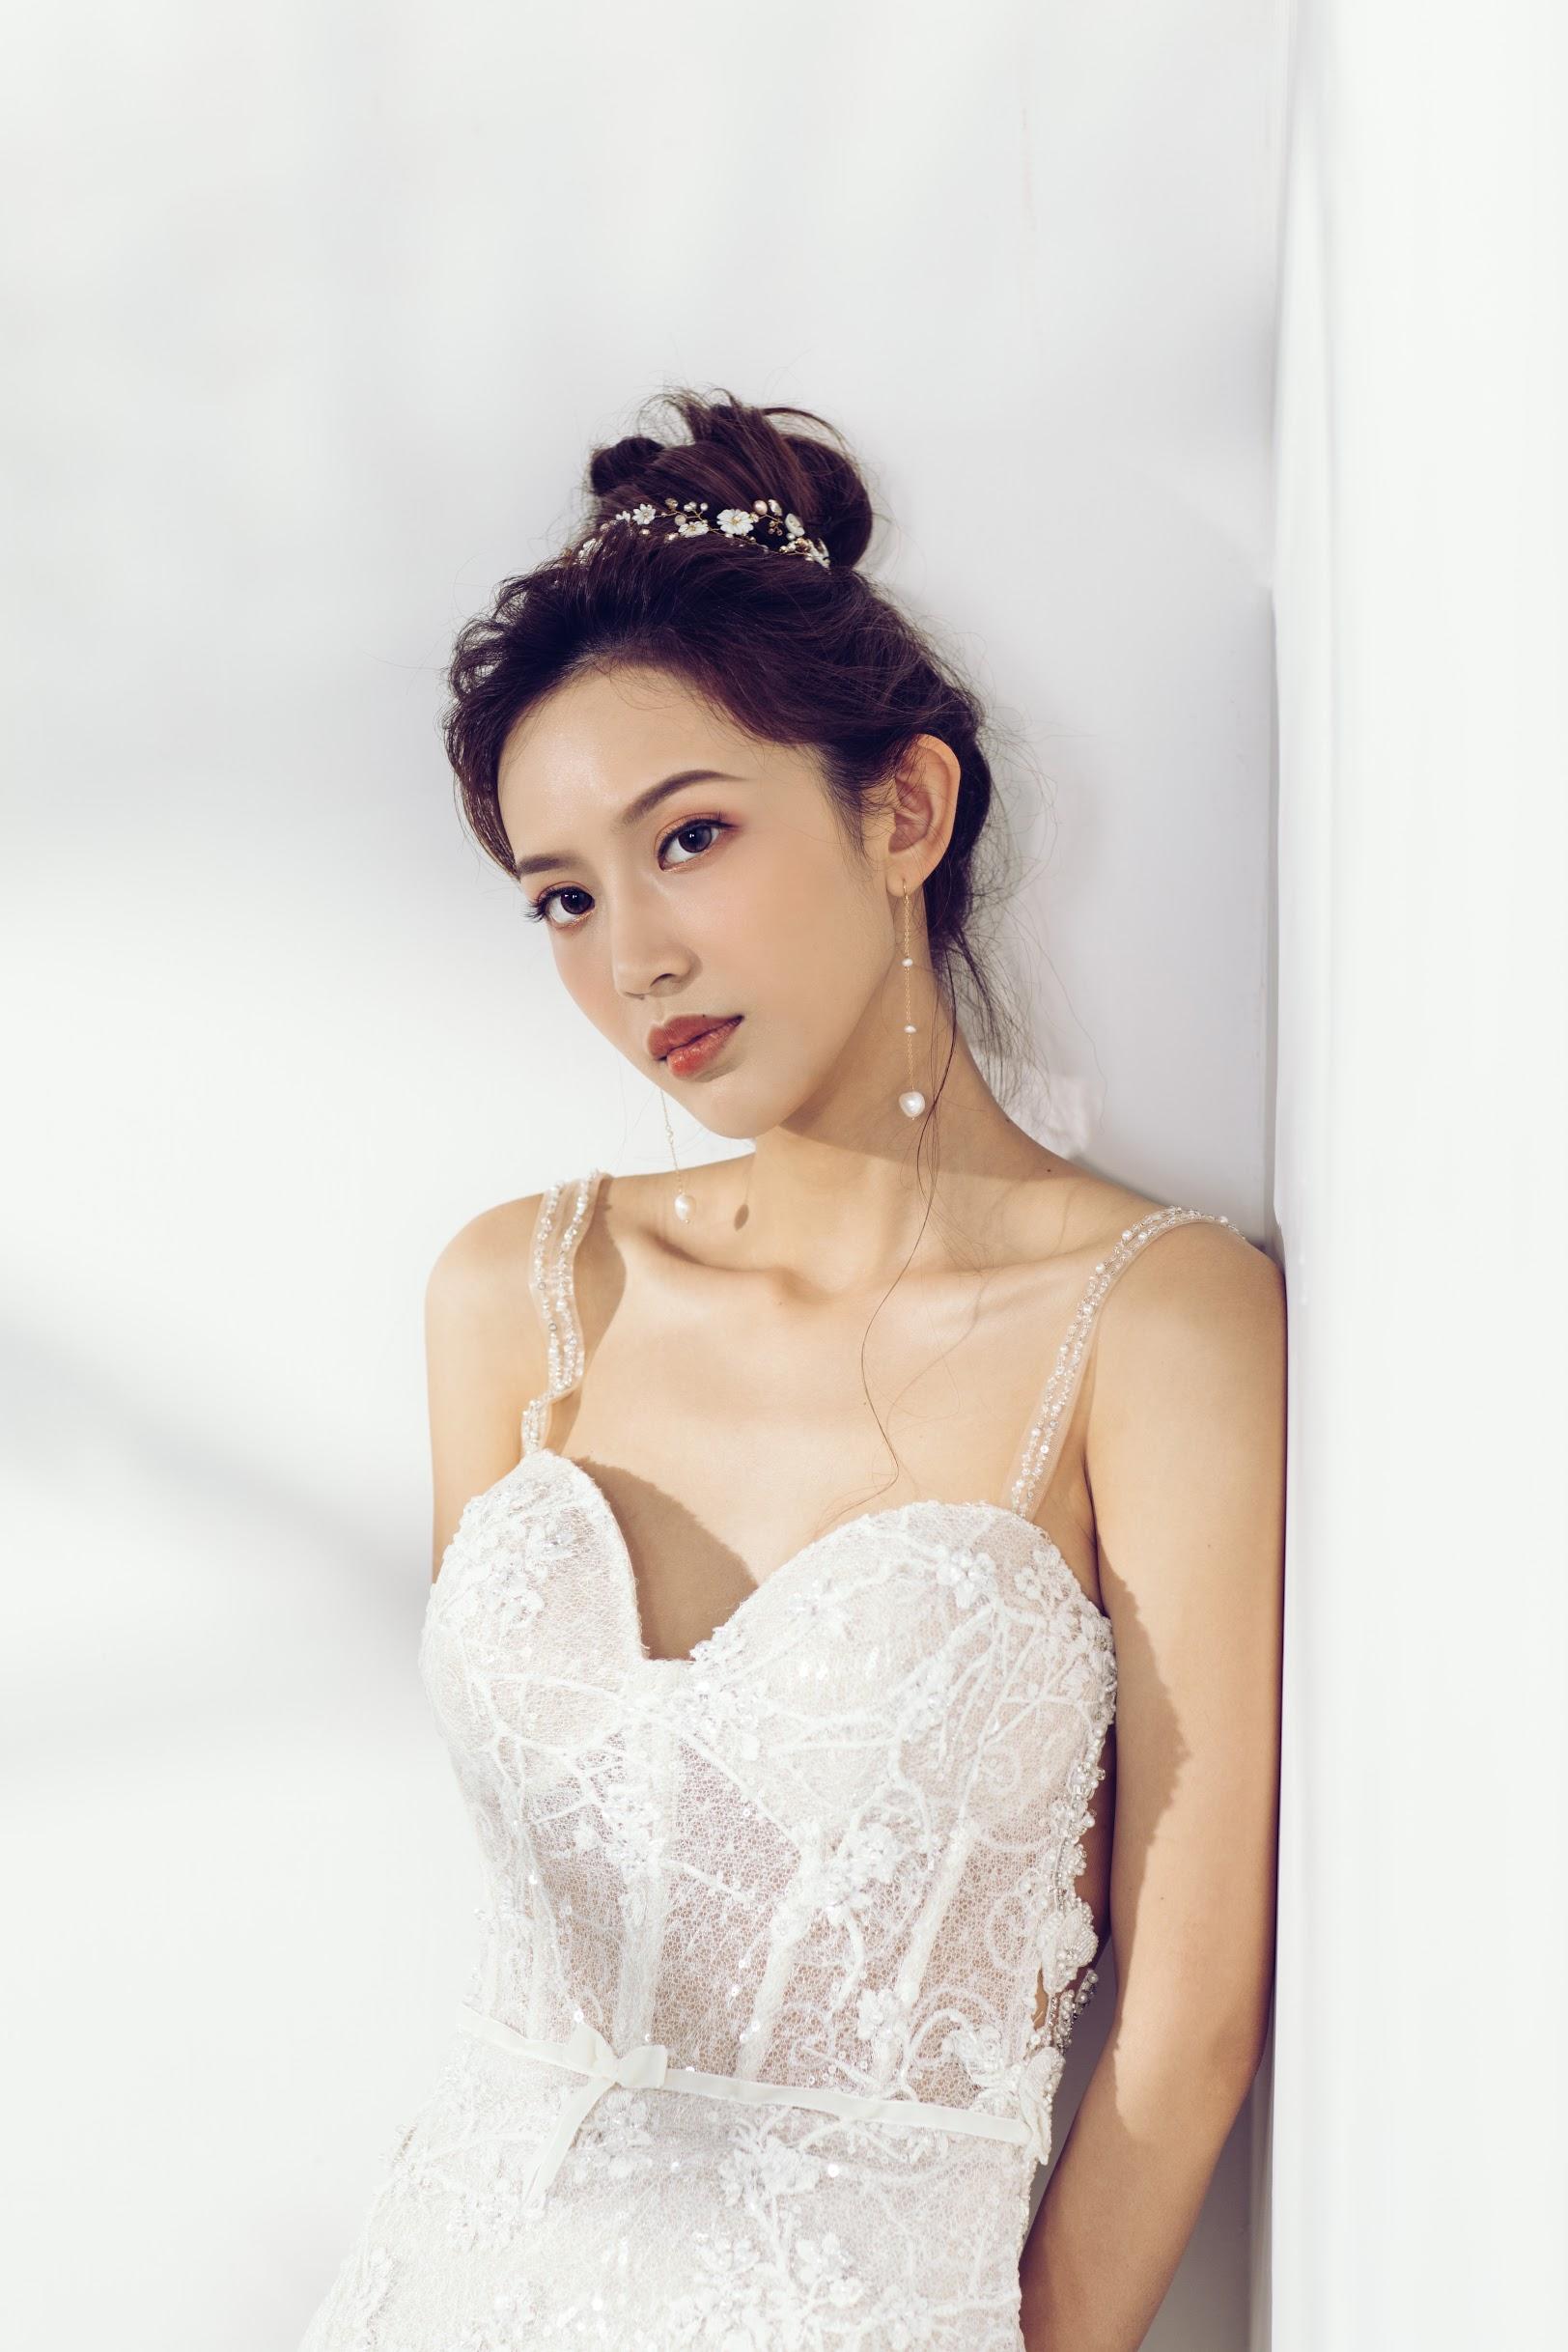 Nana Cheung